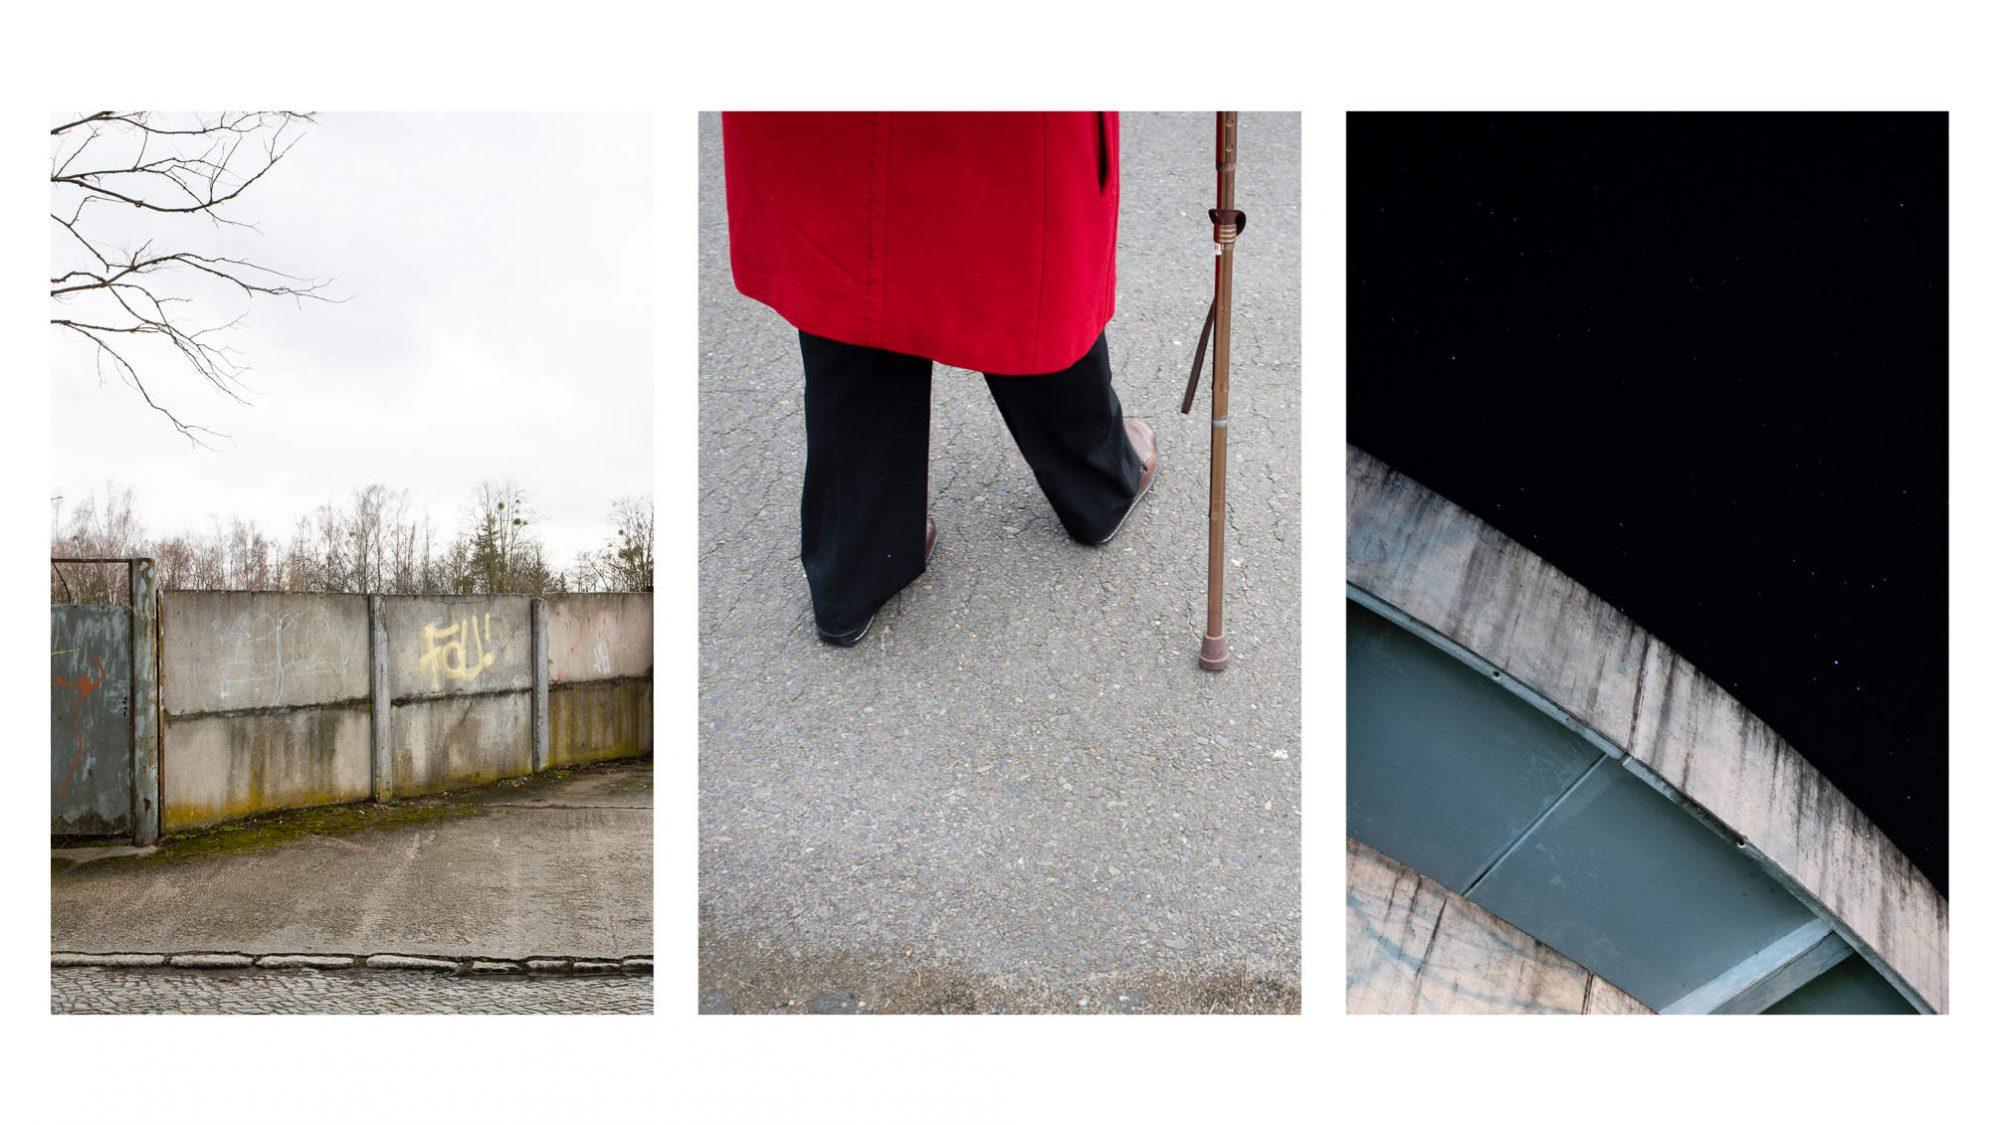 Ausstellung Galerie Remise 56 - Meine Straße - Drei fotografische Skizzen